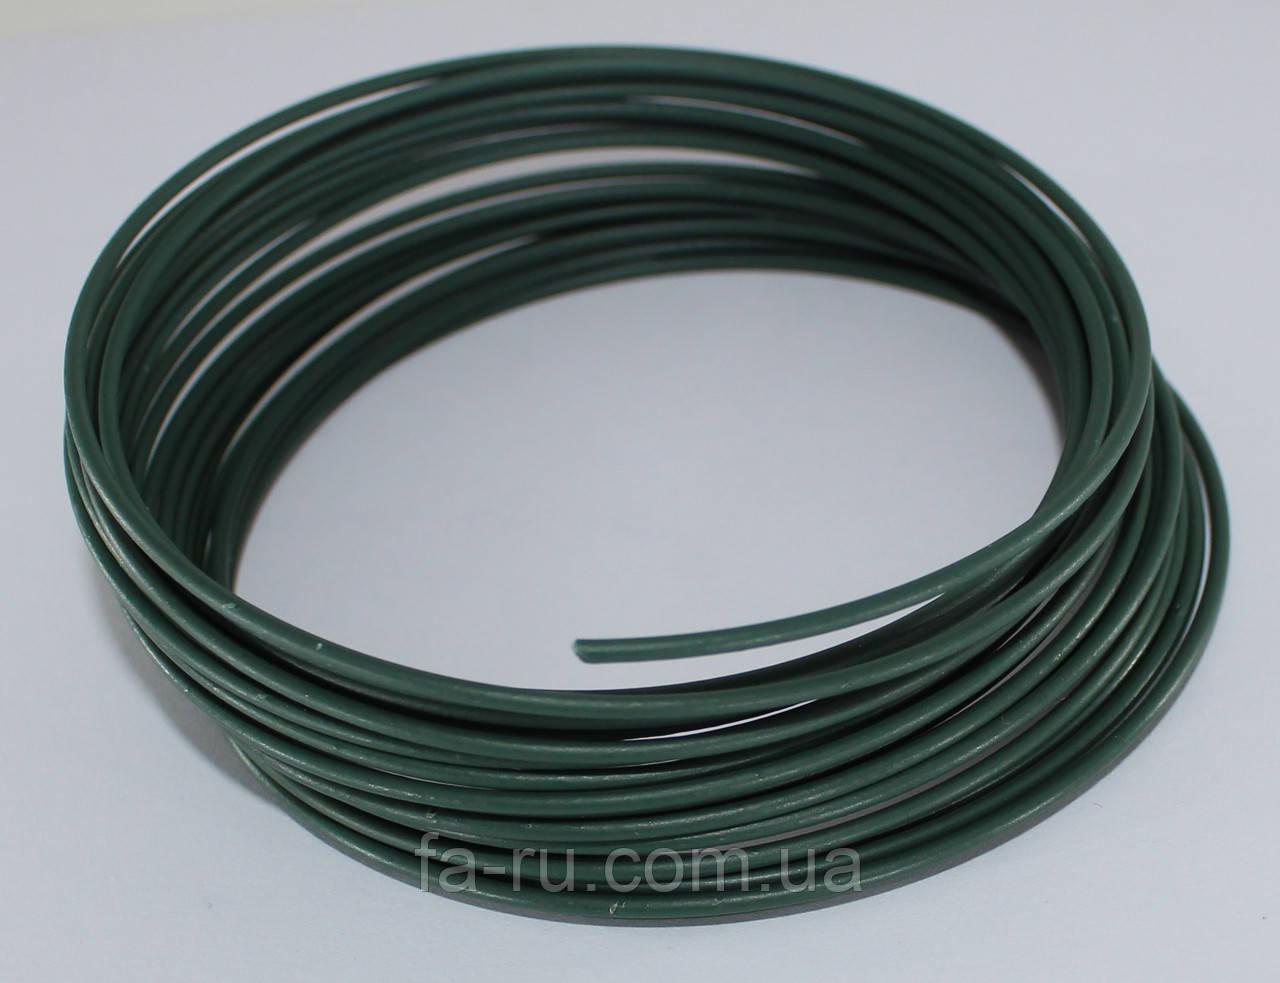 Проволока для рукоделия. Зеленая 2,3 мм  5 метров. ЖЕСТКАЯ